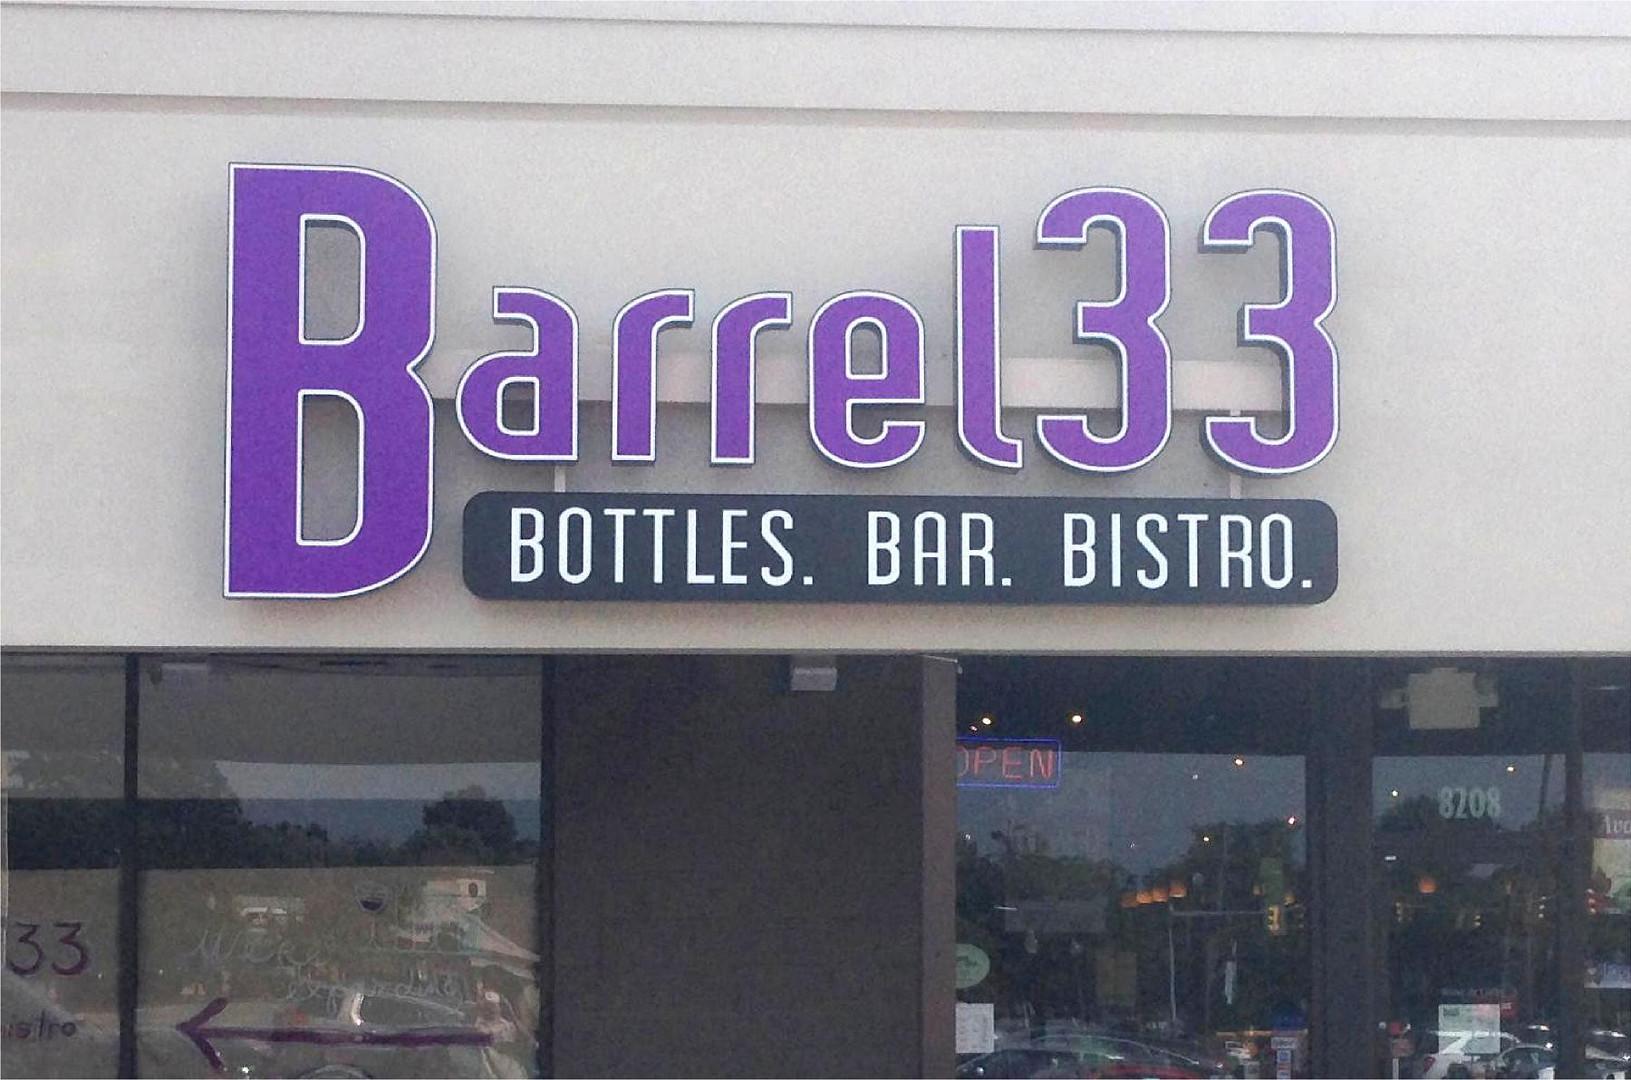 Barrel33.jpg